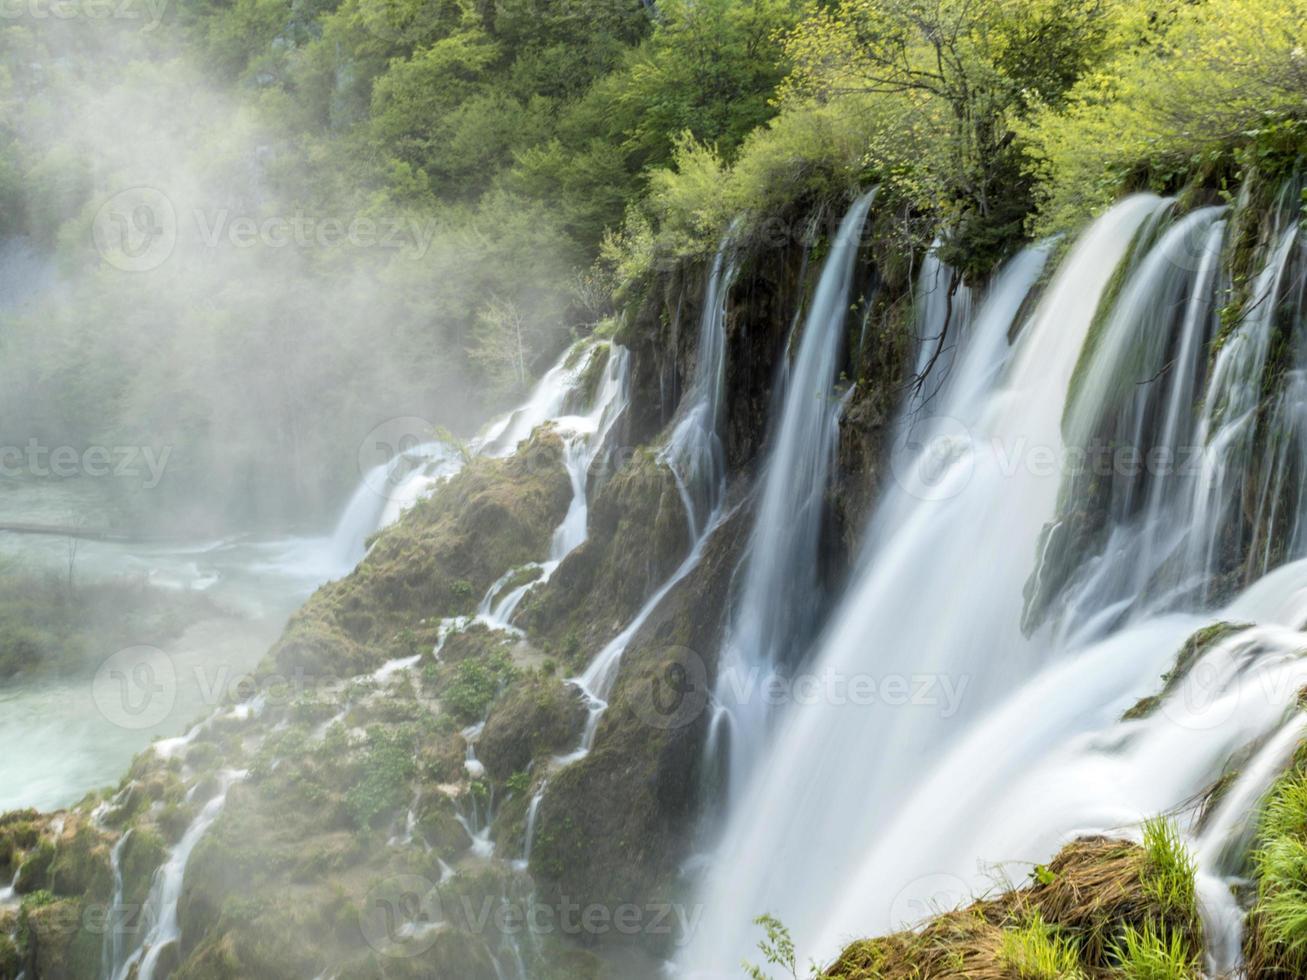 die Schönheit von Plitvice Wäldern, Seen und Wasserfällen. foto